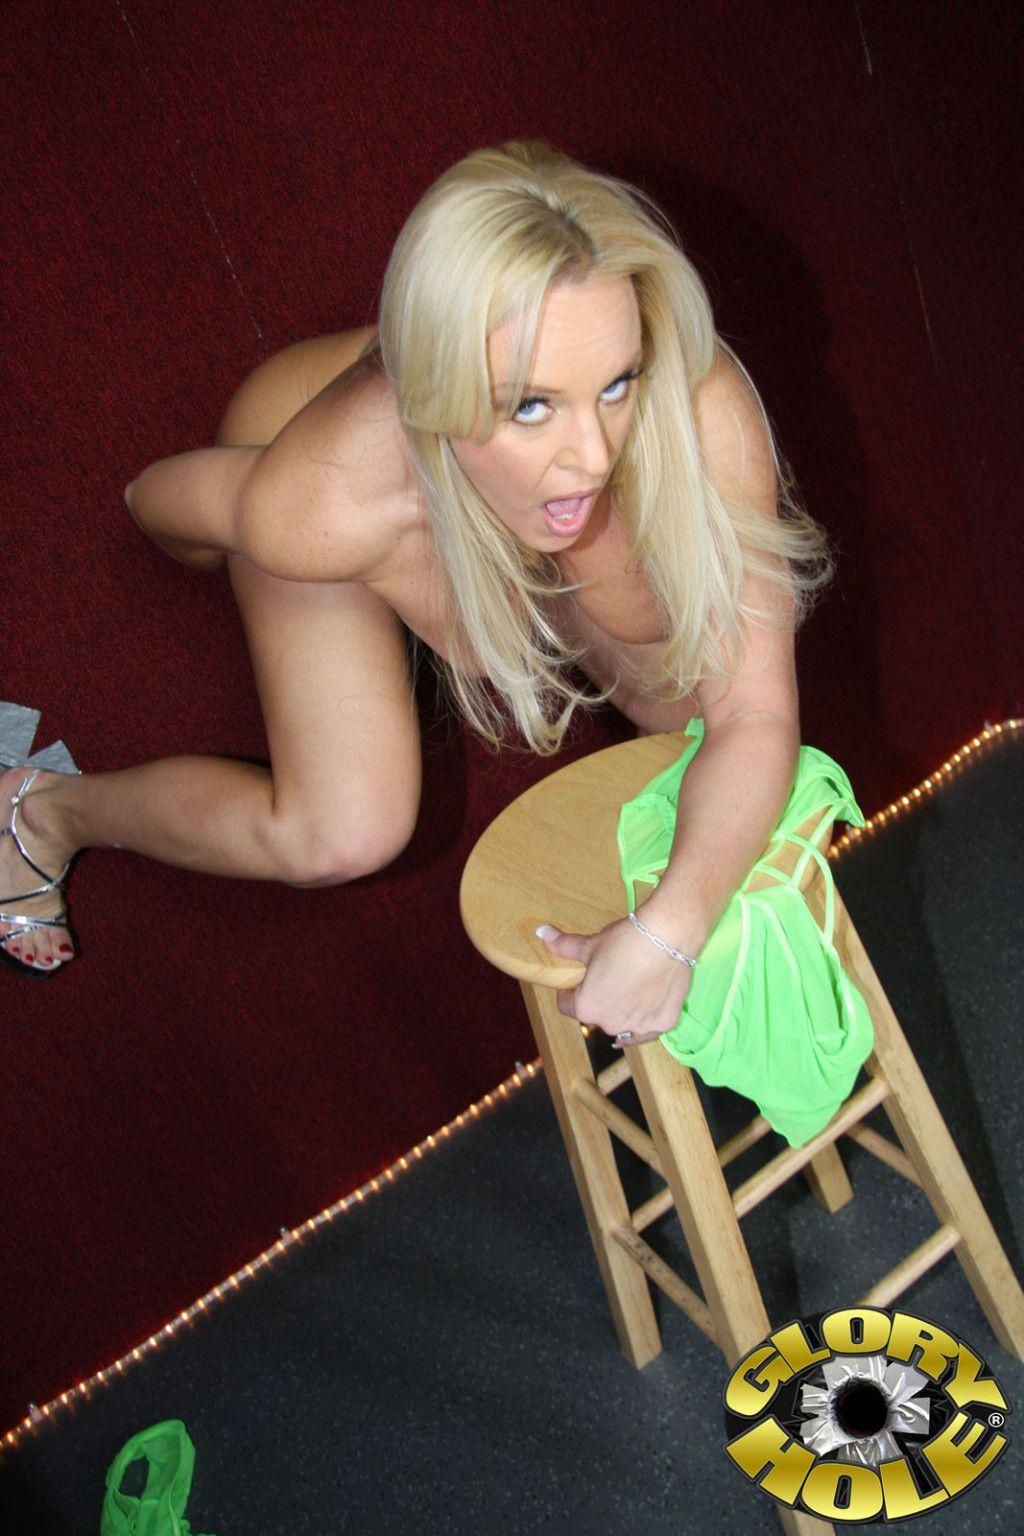 Actress fake nude pics